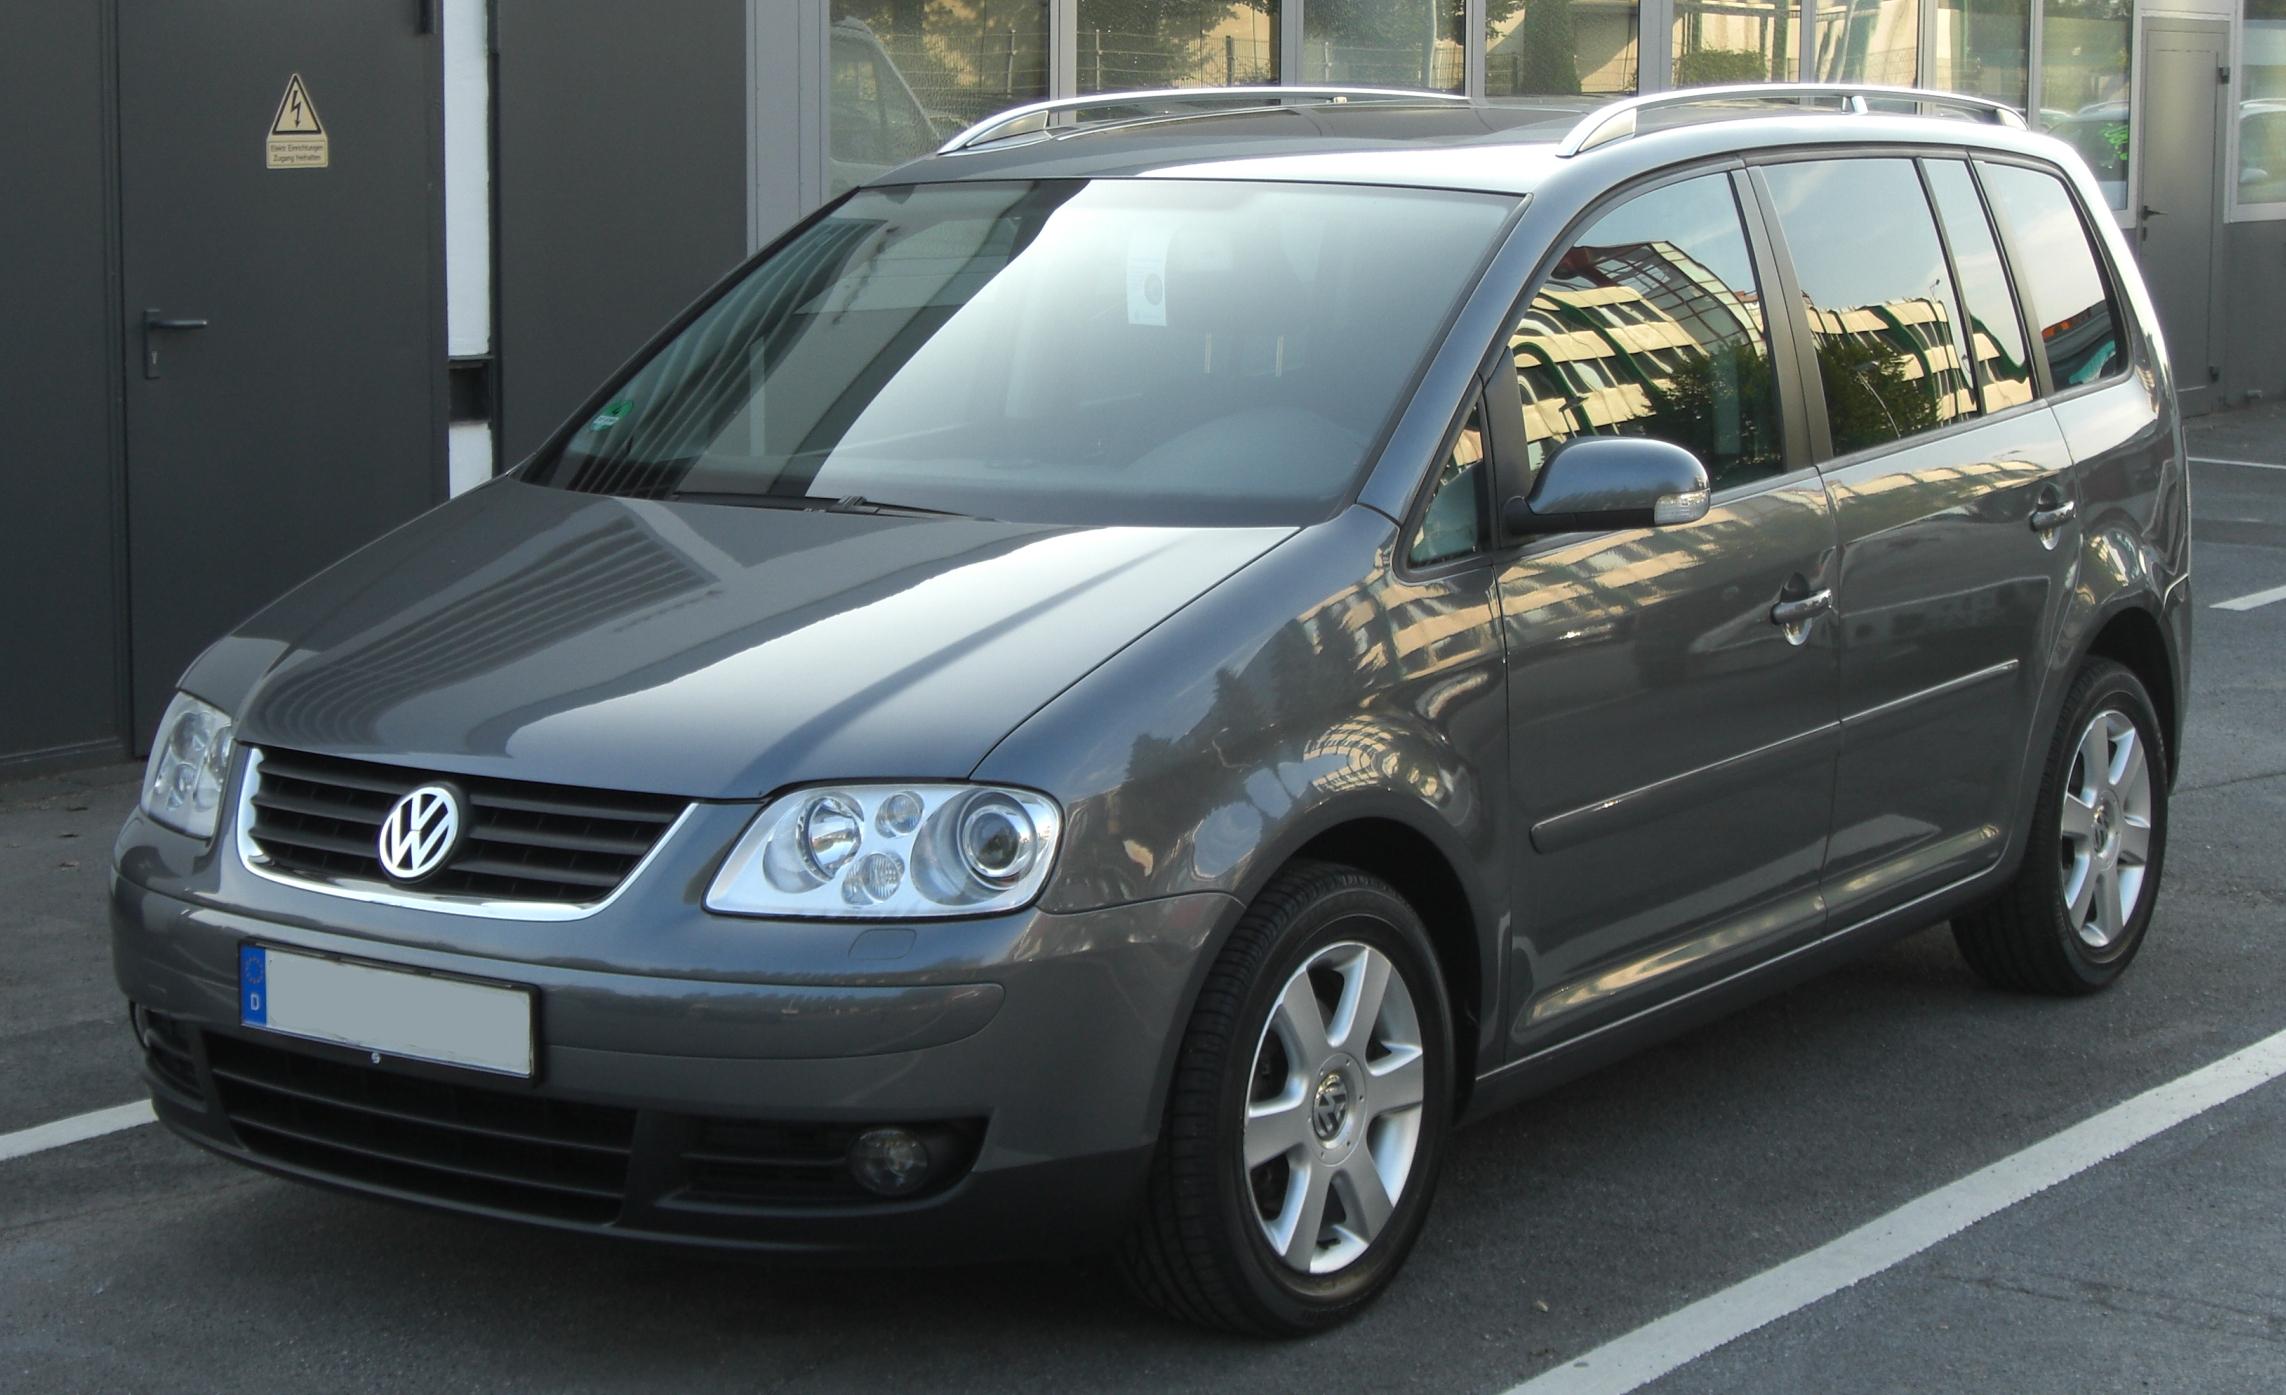 VW_Touran_TDI_front-1.JPG